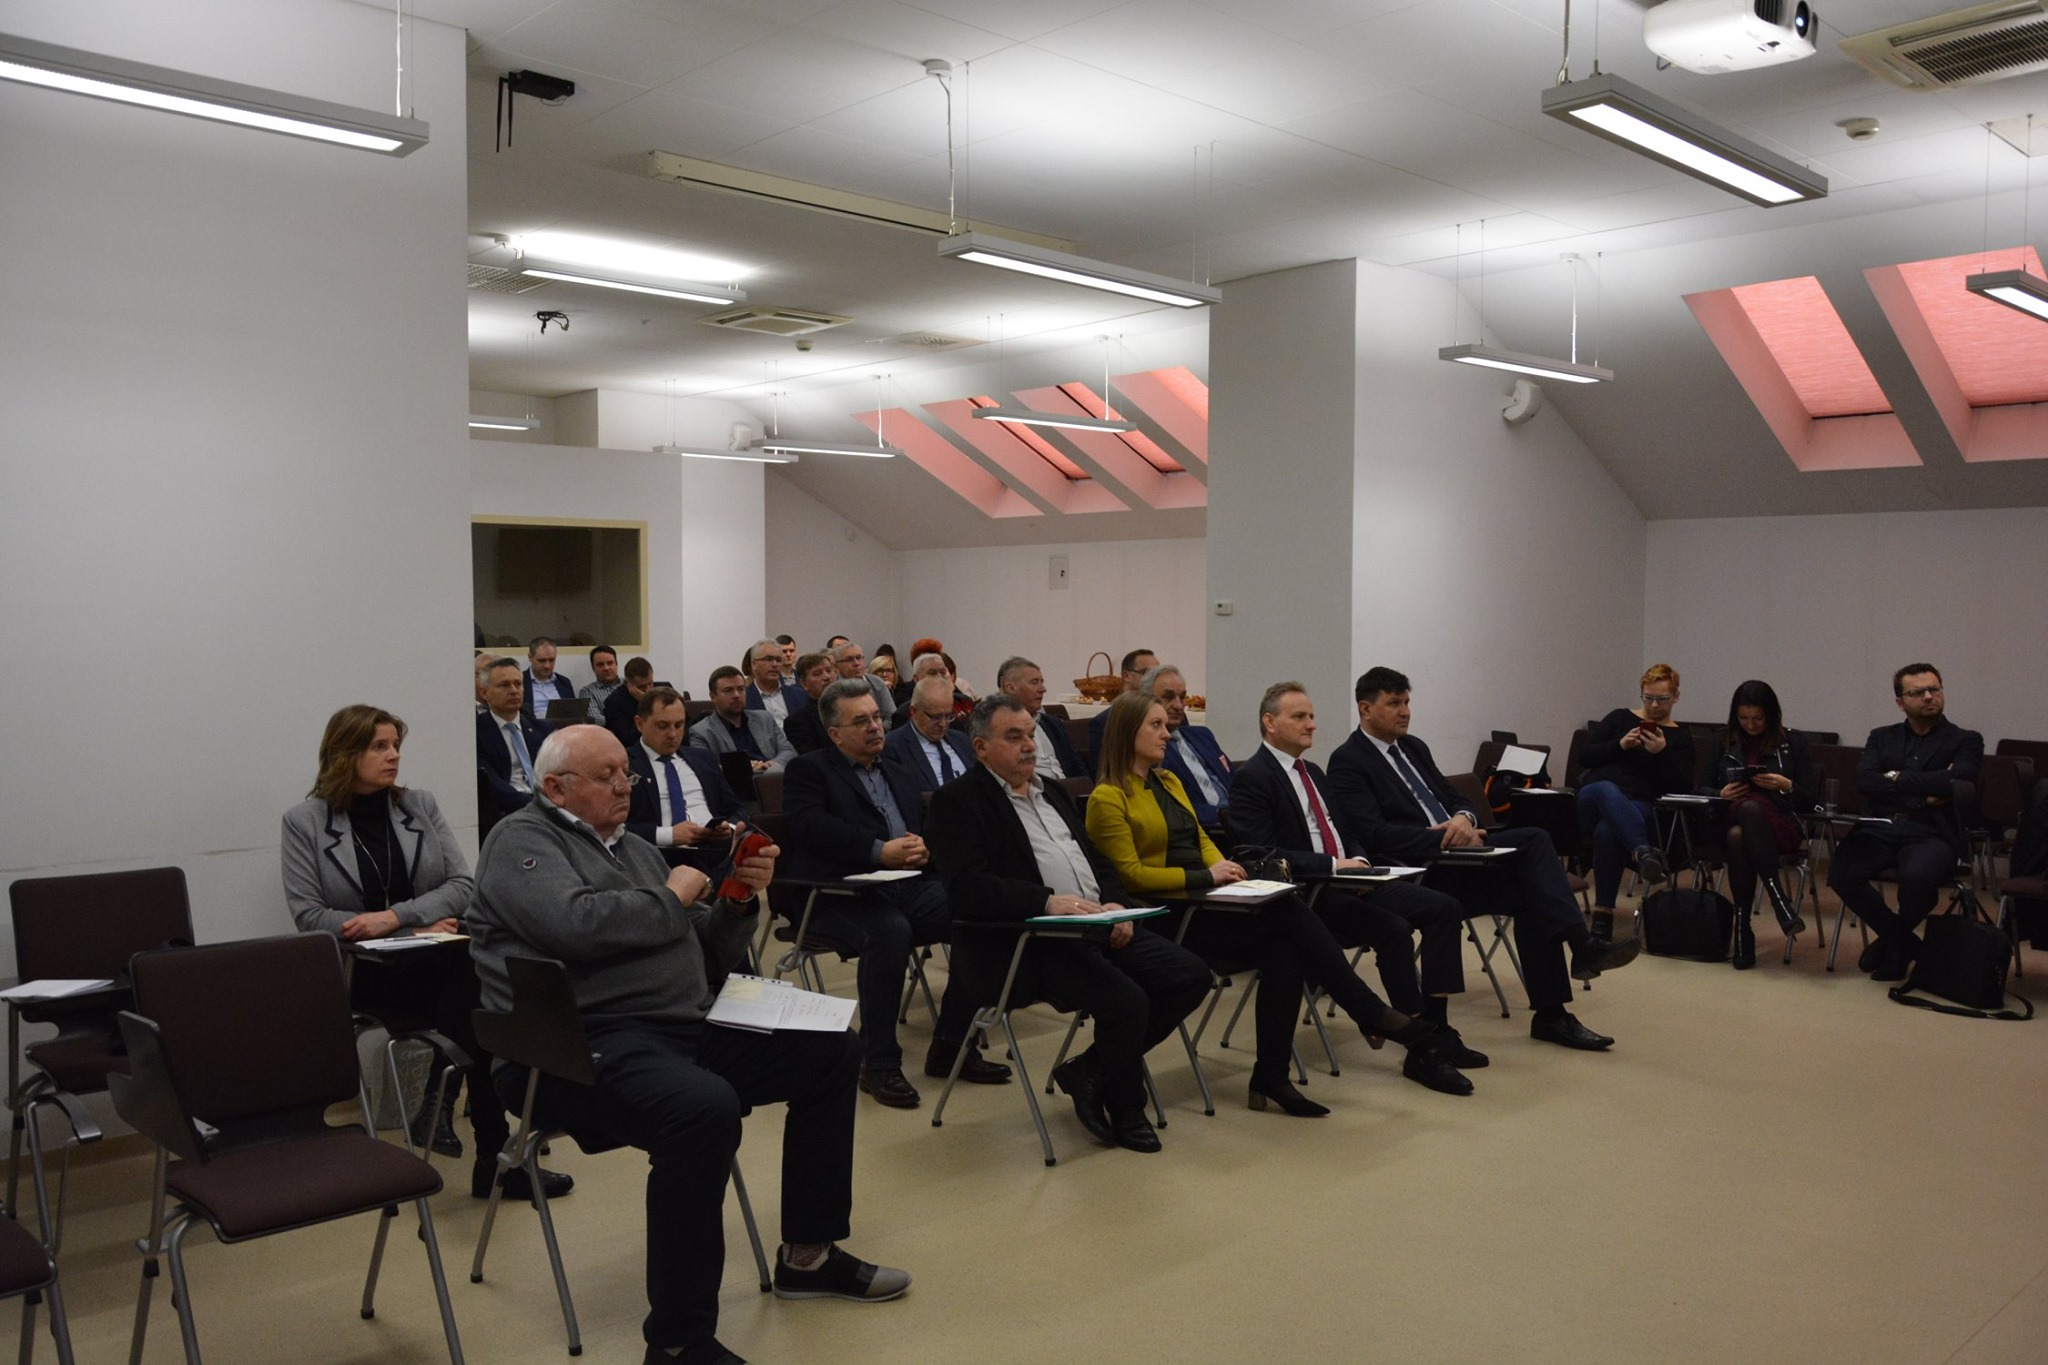 Nadzwyczajne Zebrania Członków Małopolskiej Organizacji Turystycznej